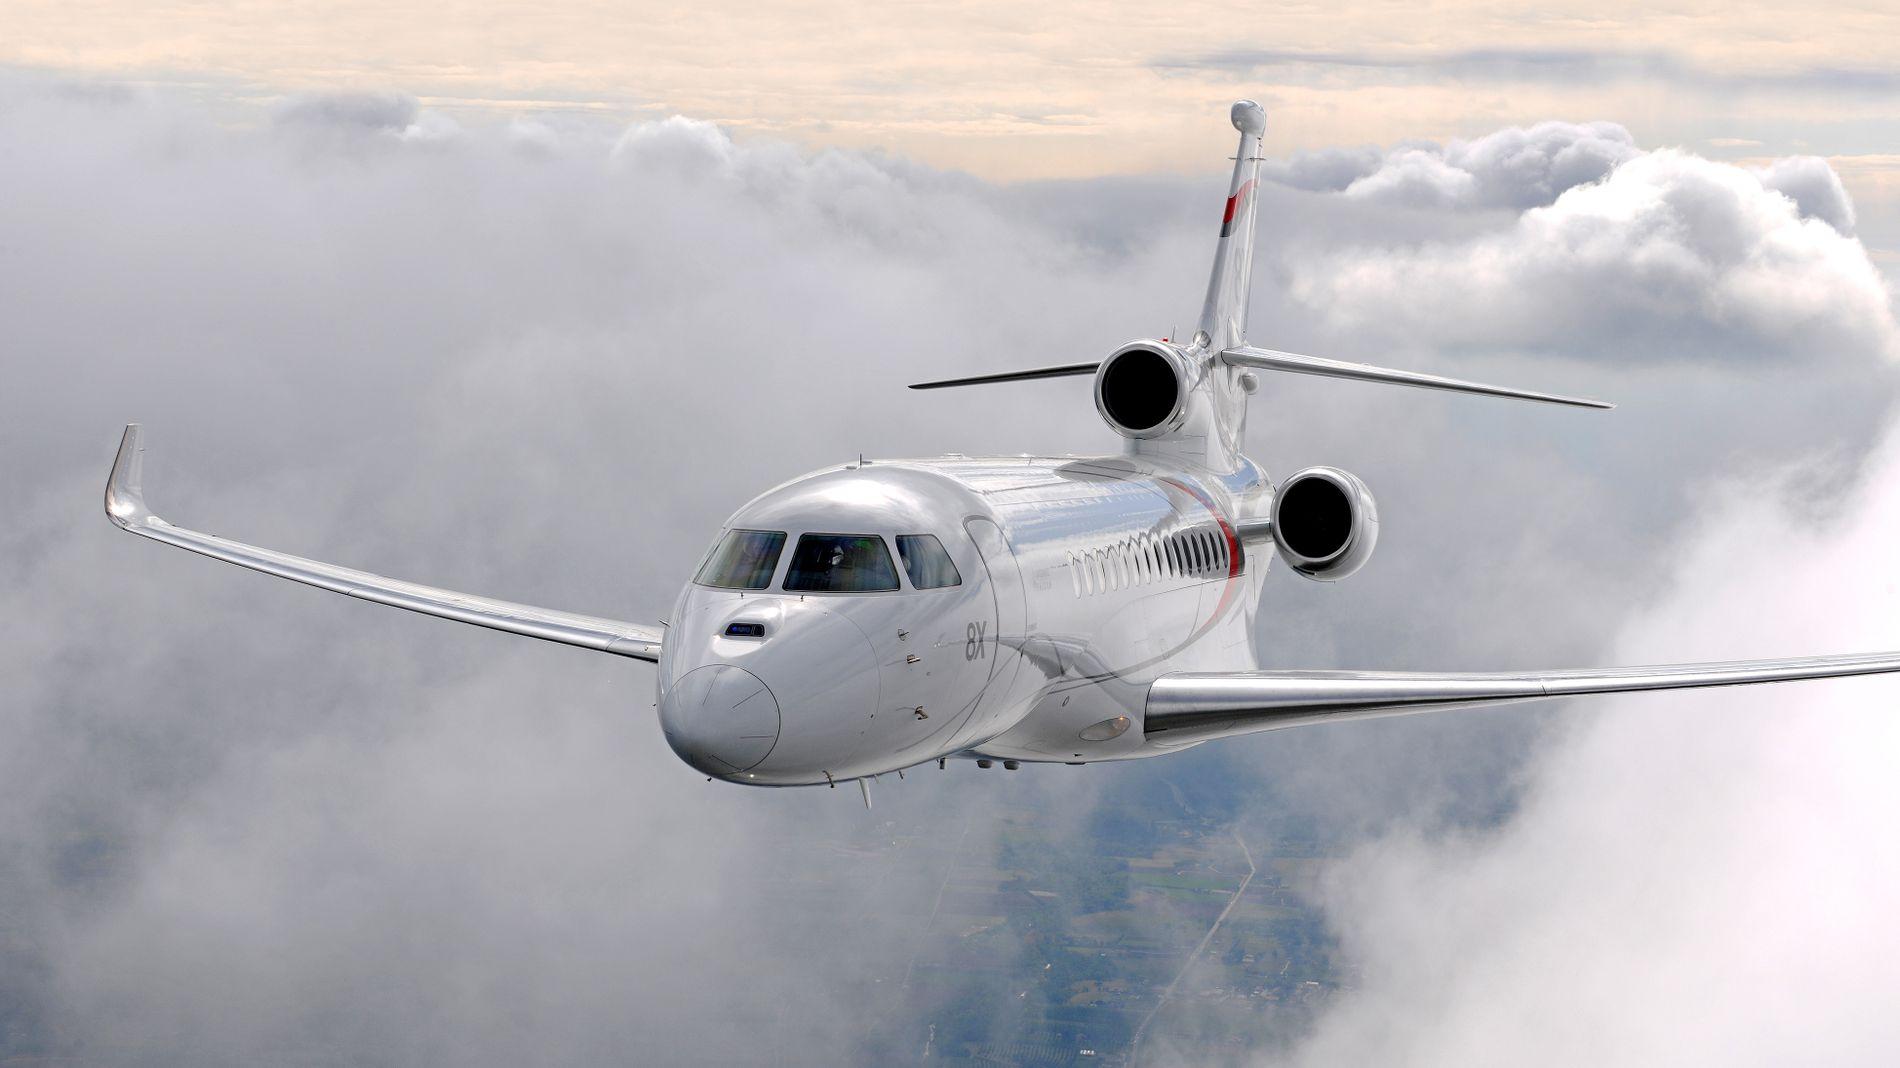 NYTT PRIVATFLY: Kjell Inge Røkkes Aker har gjort en delbetaling på et nytt privatfly til rundt en halv milliard kroner, en Falcon 8x fra Dassault. Med det programmet ledelsen i Aker har, er det ifølge selskapet nødvendig med privatfly.